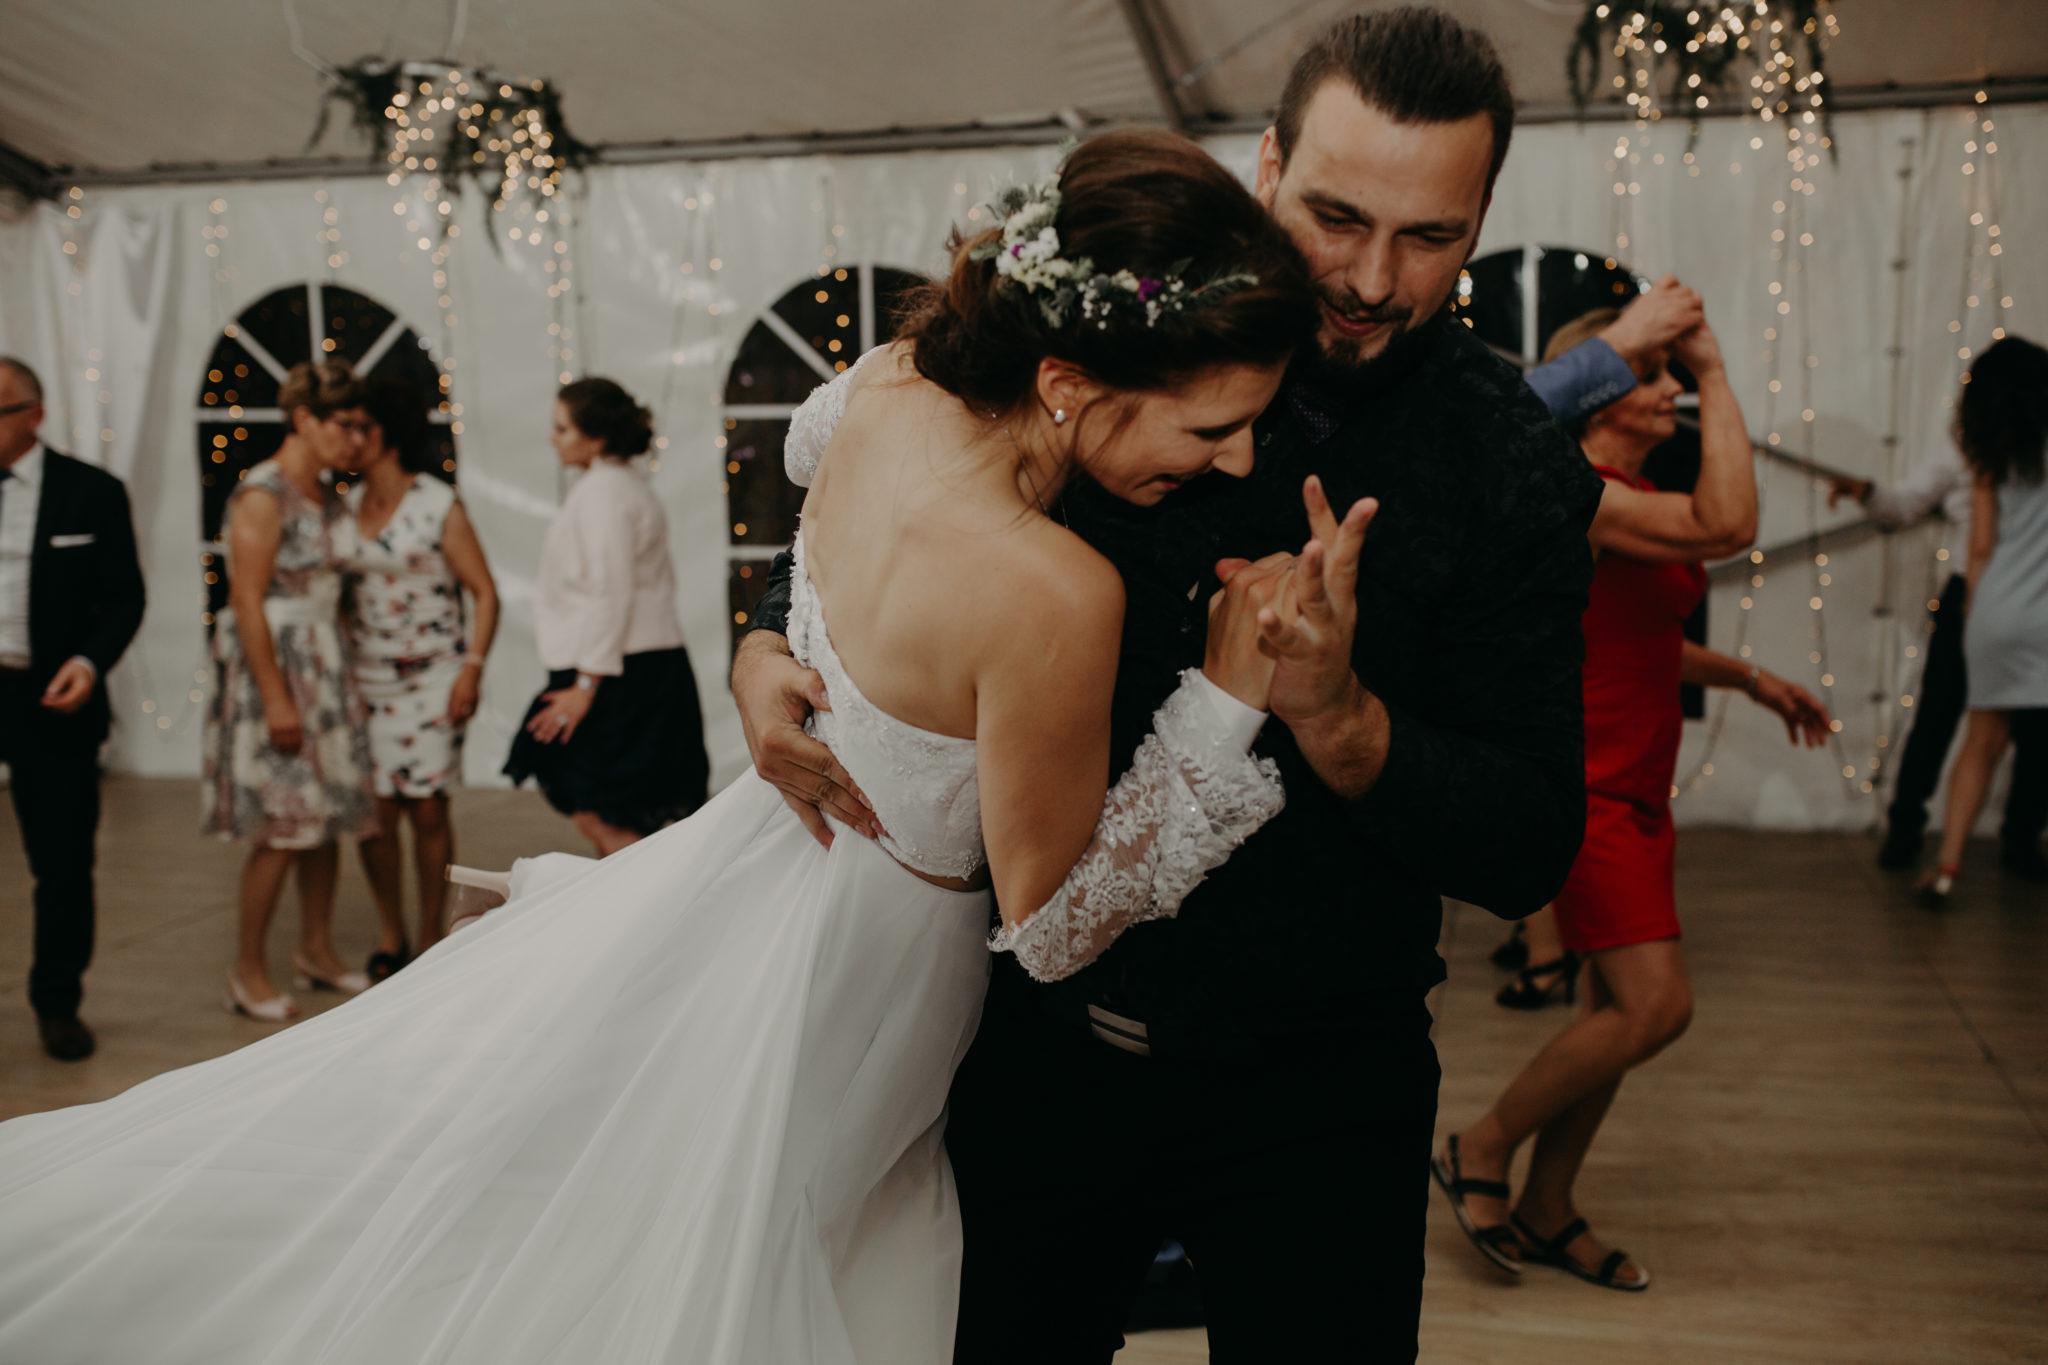 gosia i kuba116 - fotografiagk Fotografia ślubna RK wedding